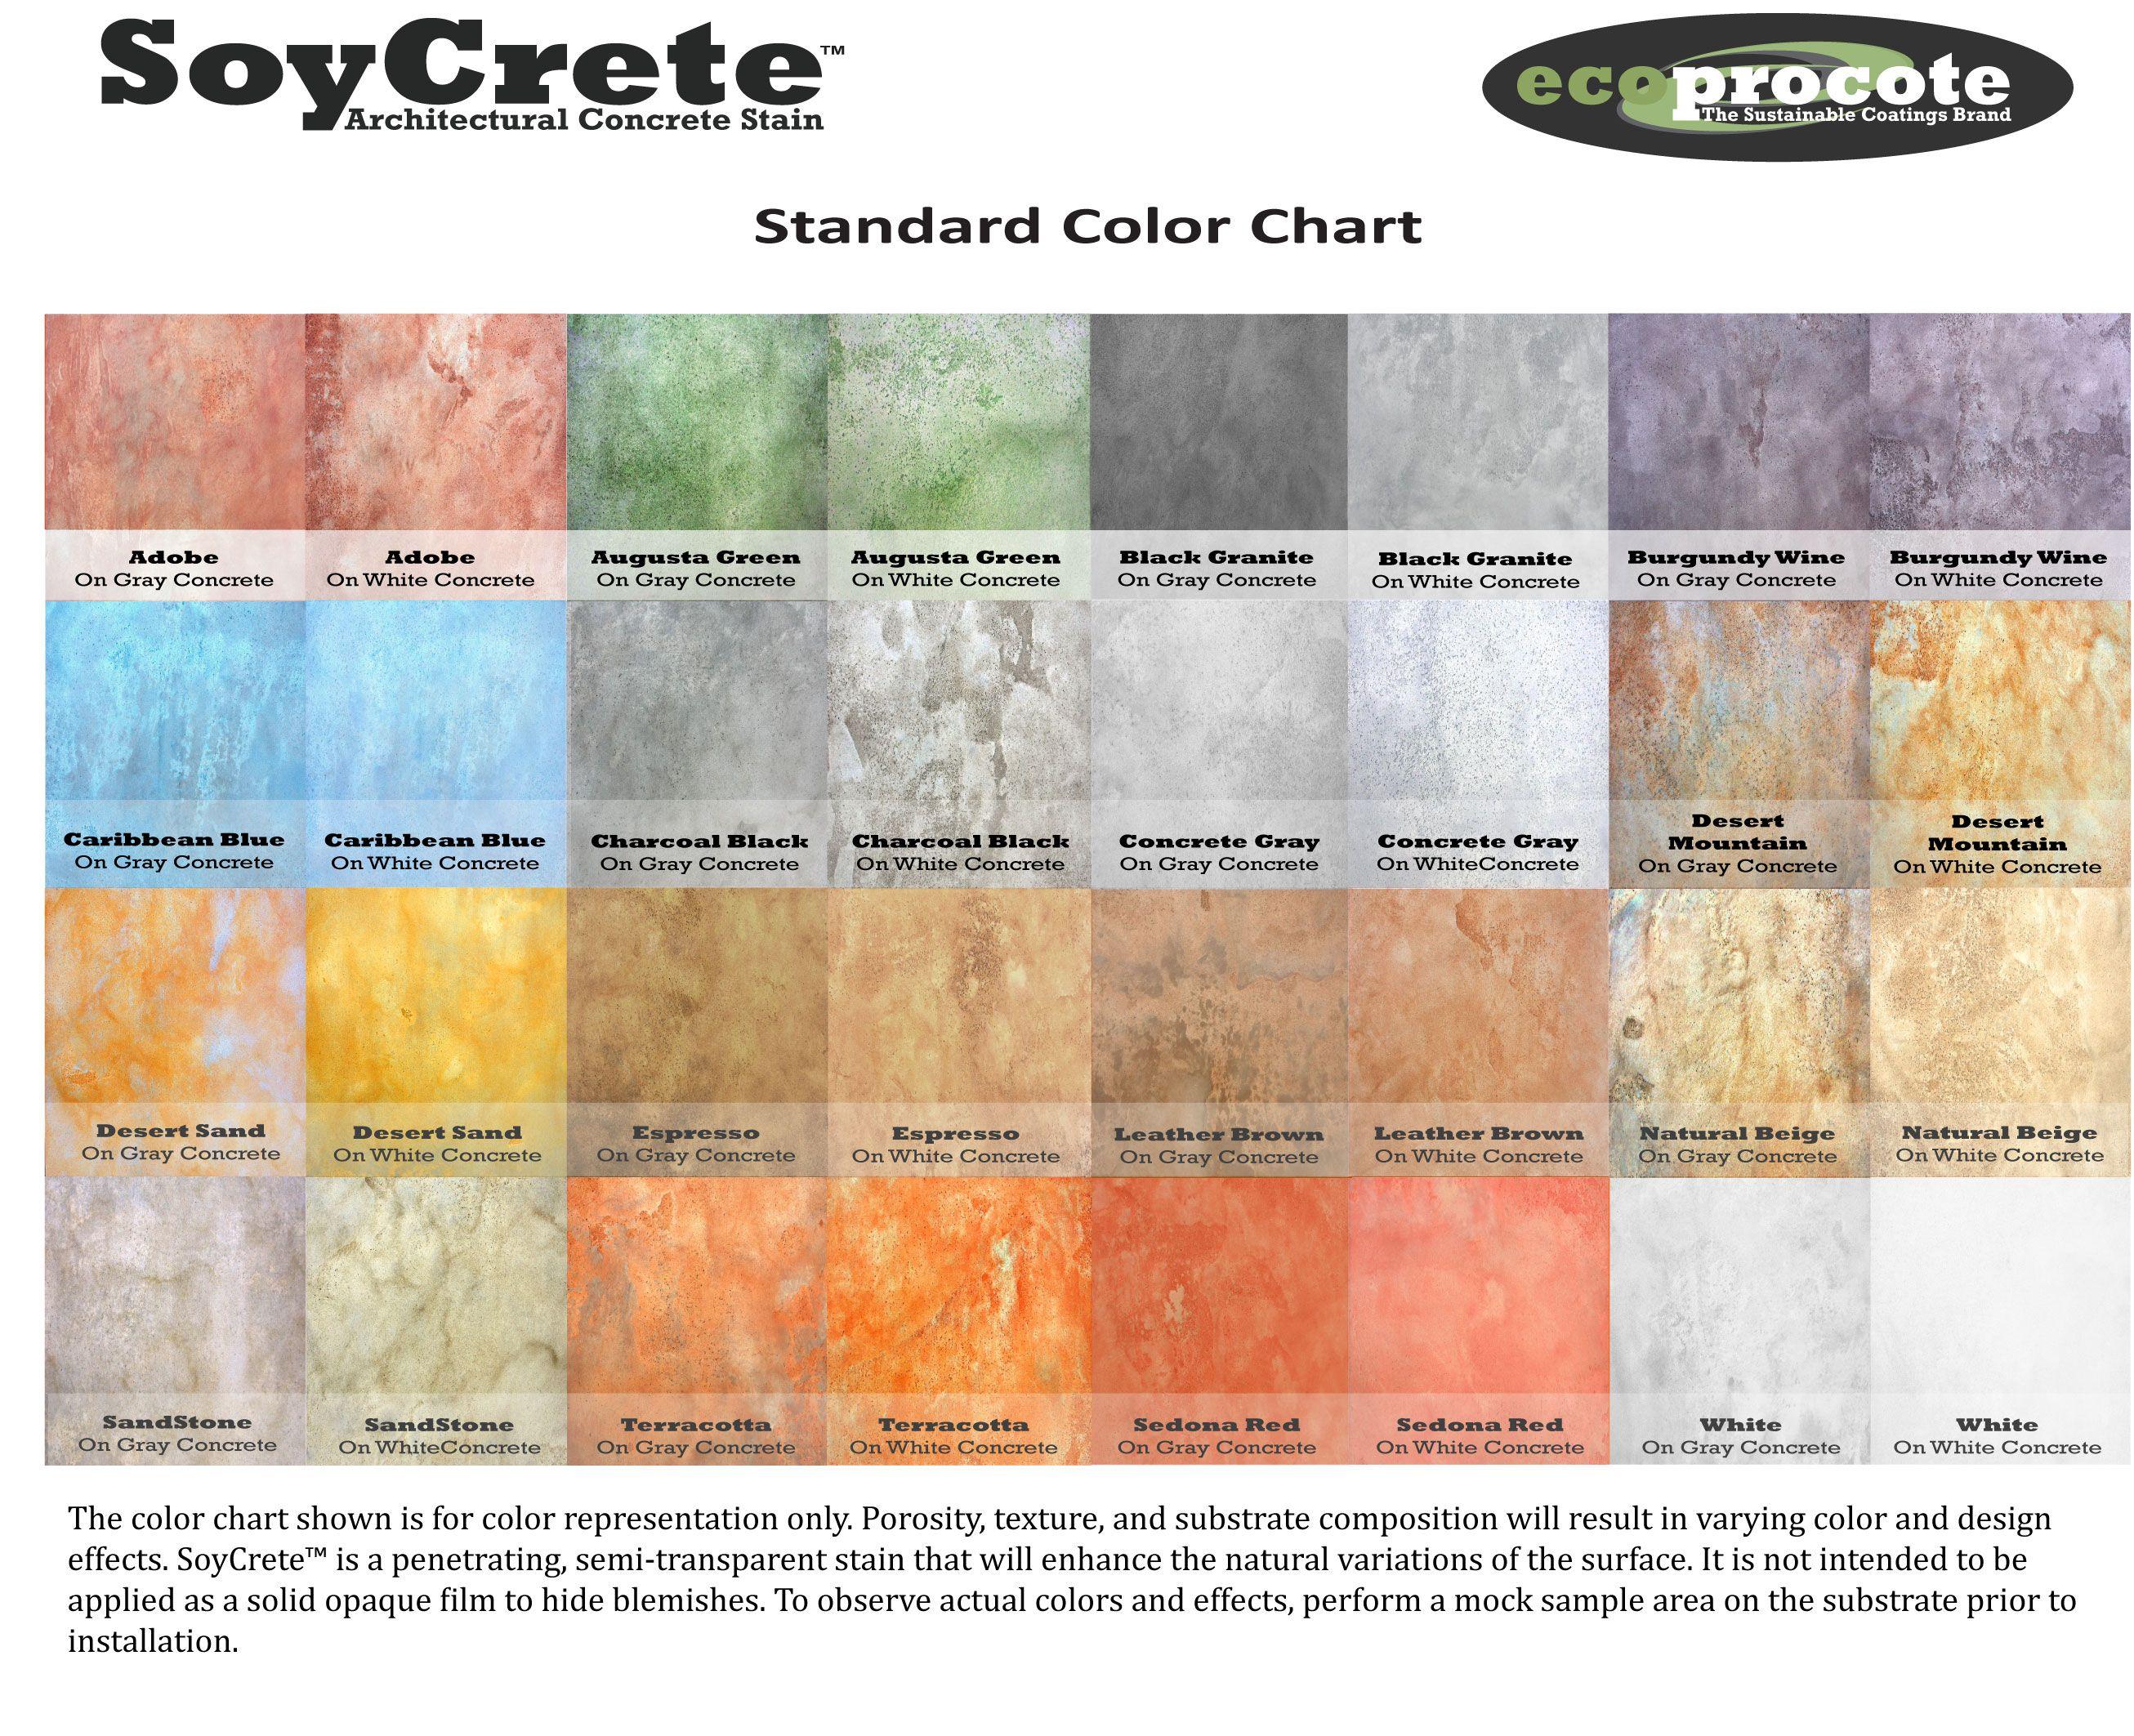 Valspar Semi-Transparent Concrete Stain colors for a natural stone ...